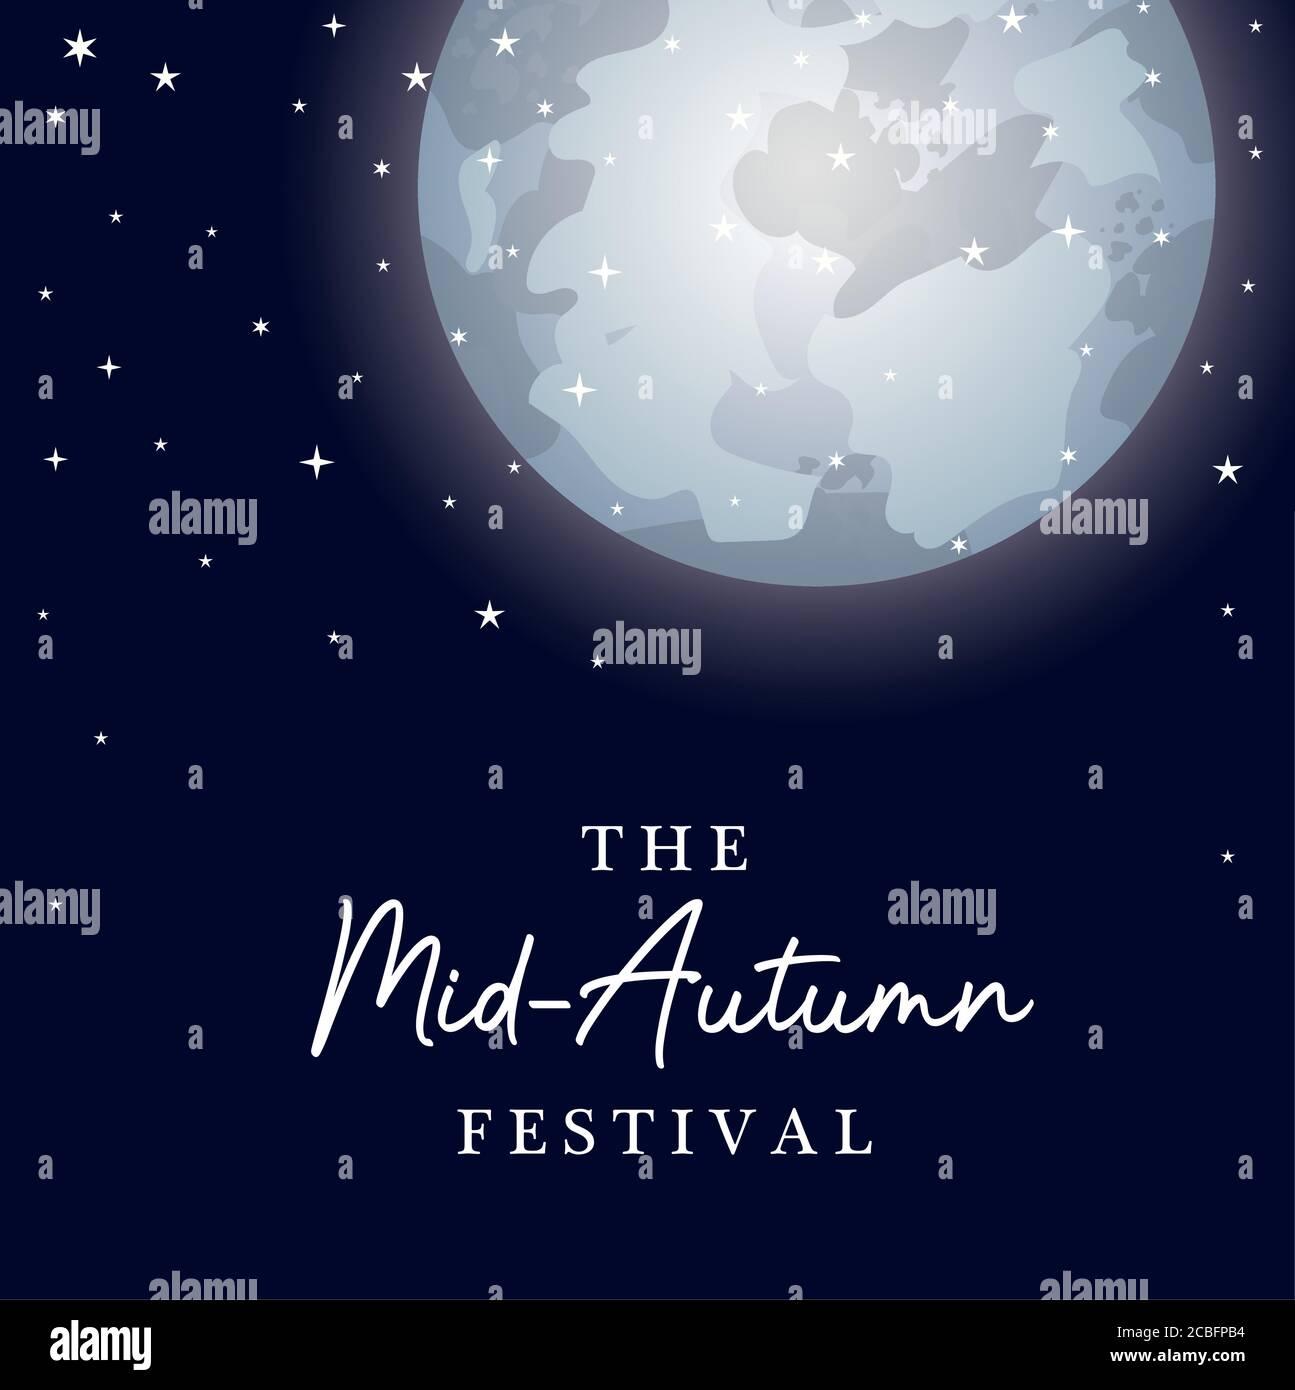 Festa della luna raccolto a metà autunno con disegno delle stelle, cinese orientale e tema di celebrazione illustrazione vettoriale Illustrazione Vettoriale